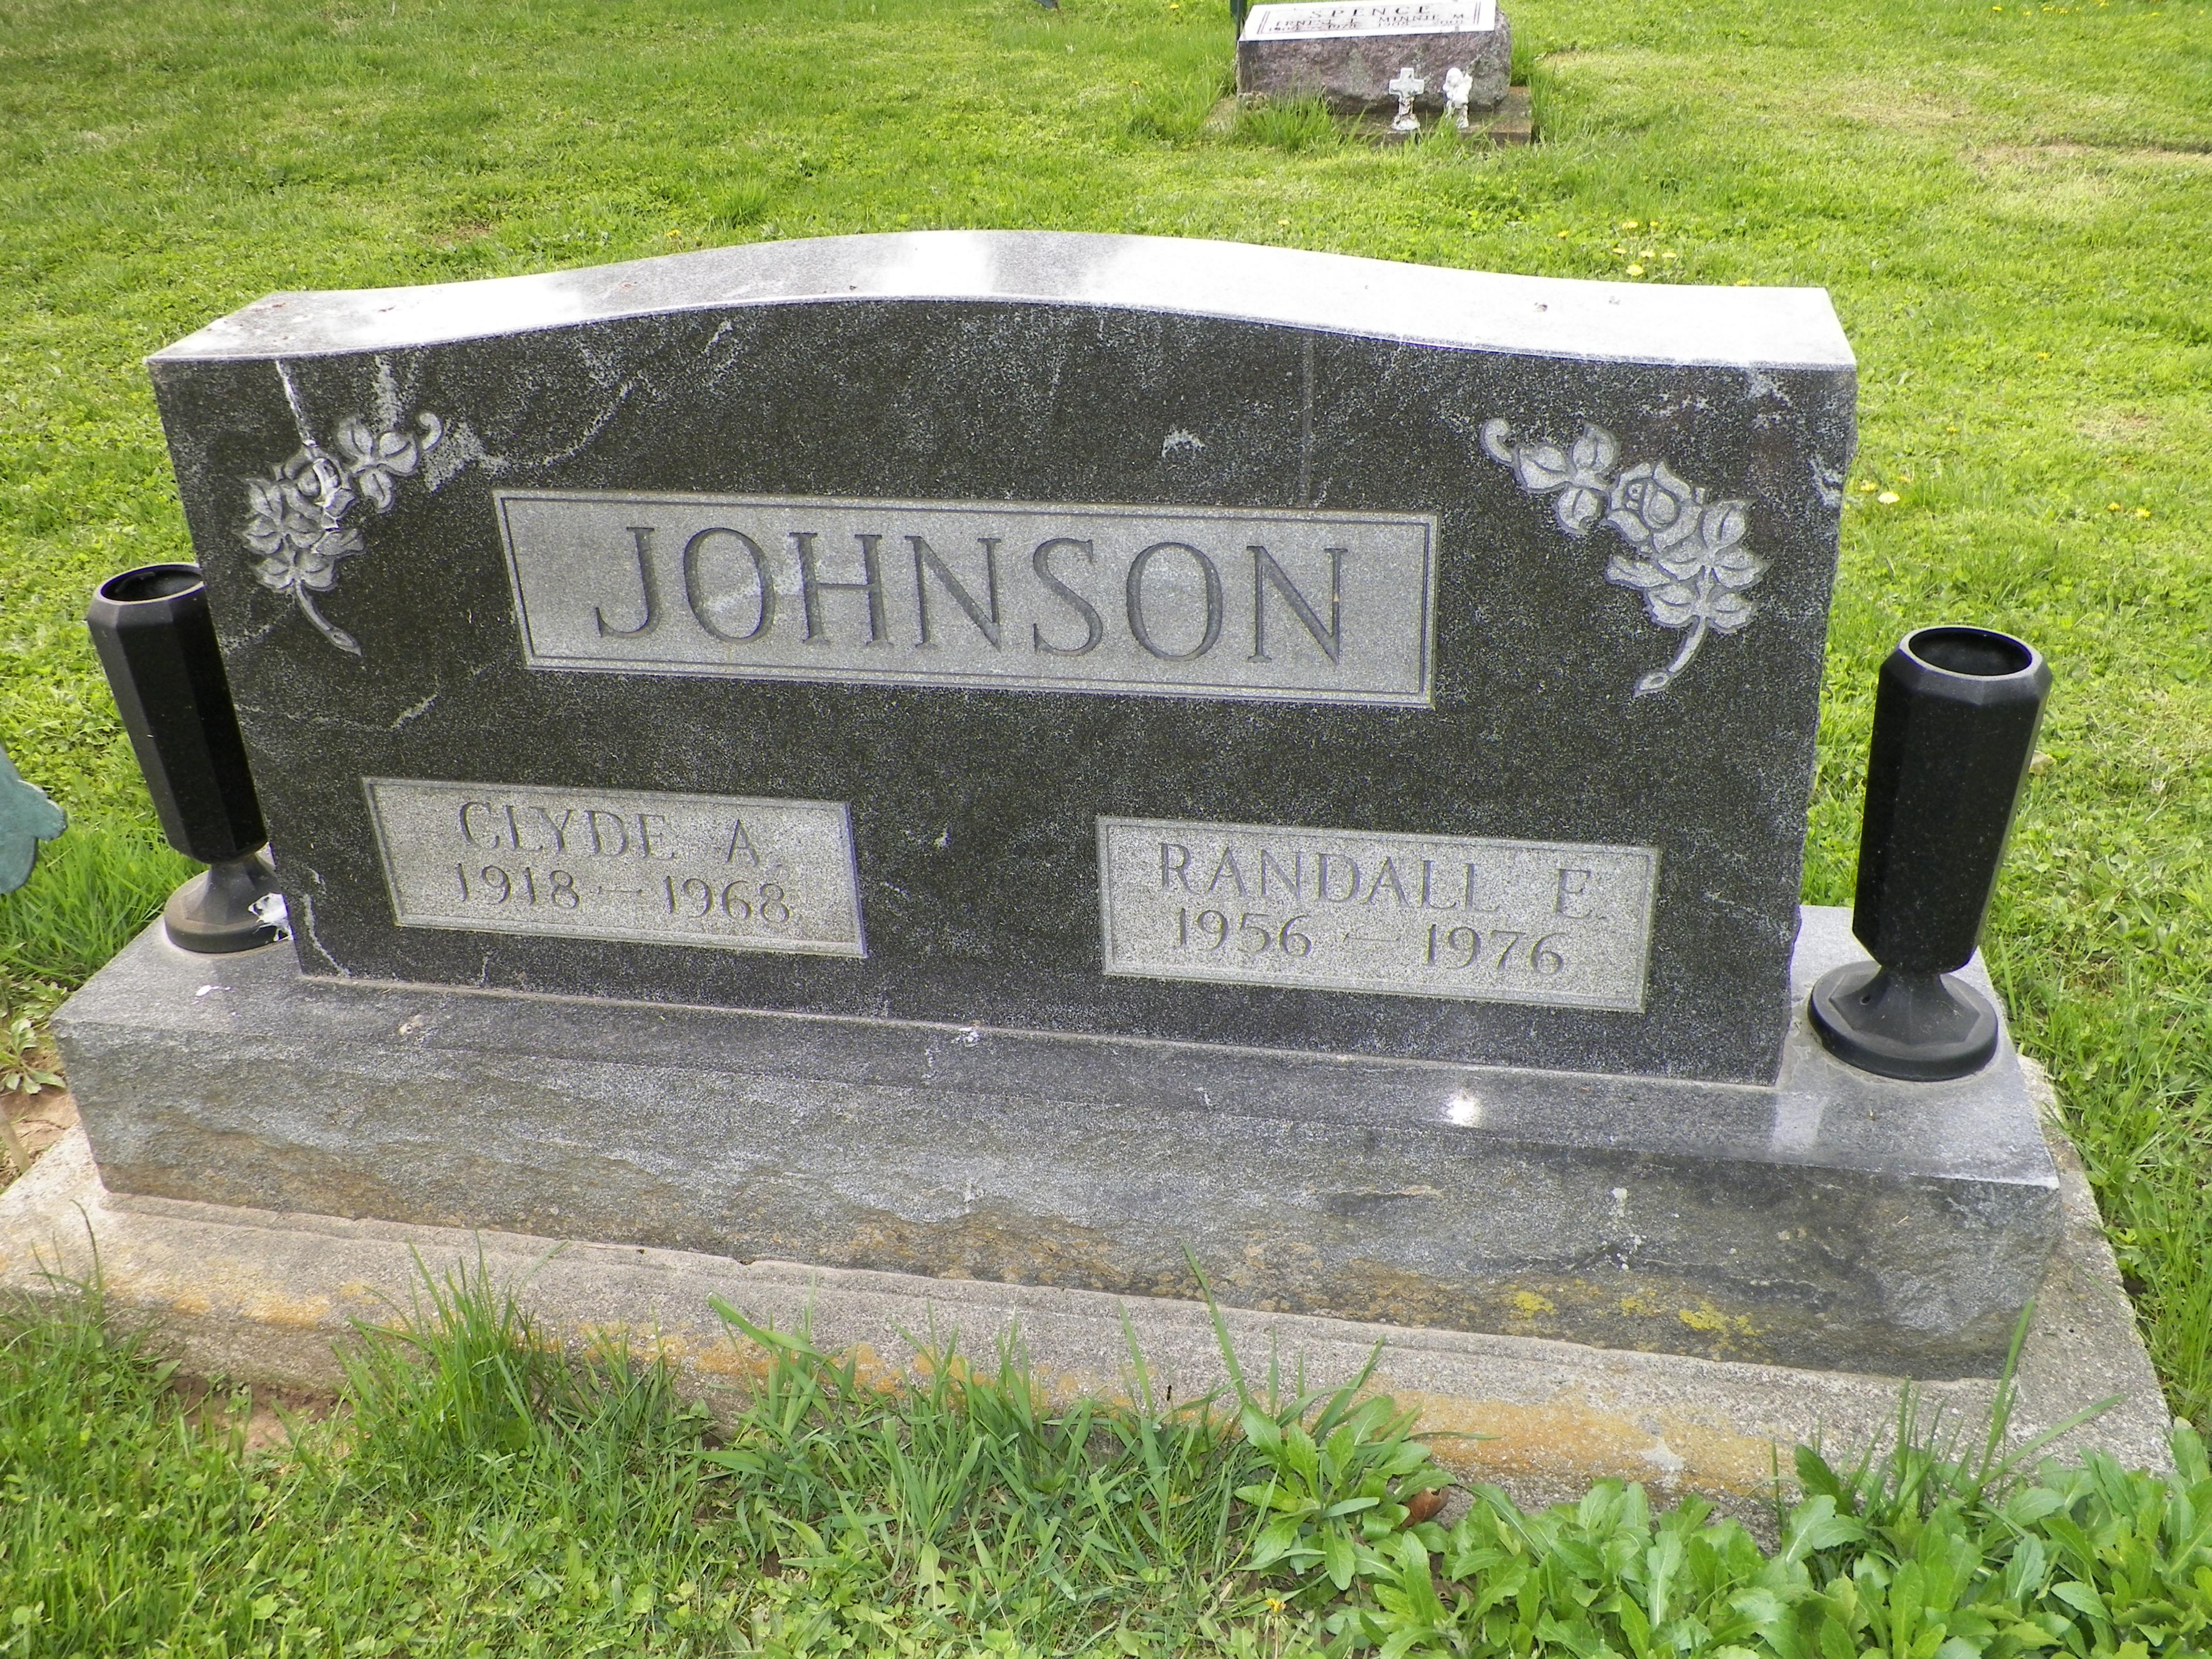 Clyde A Johnson